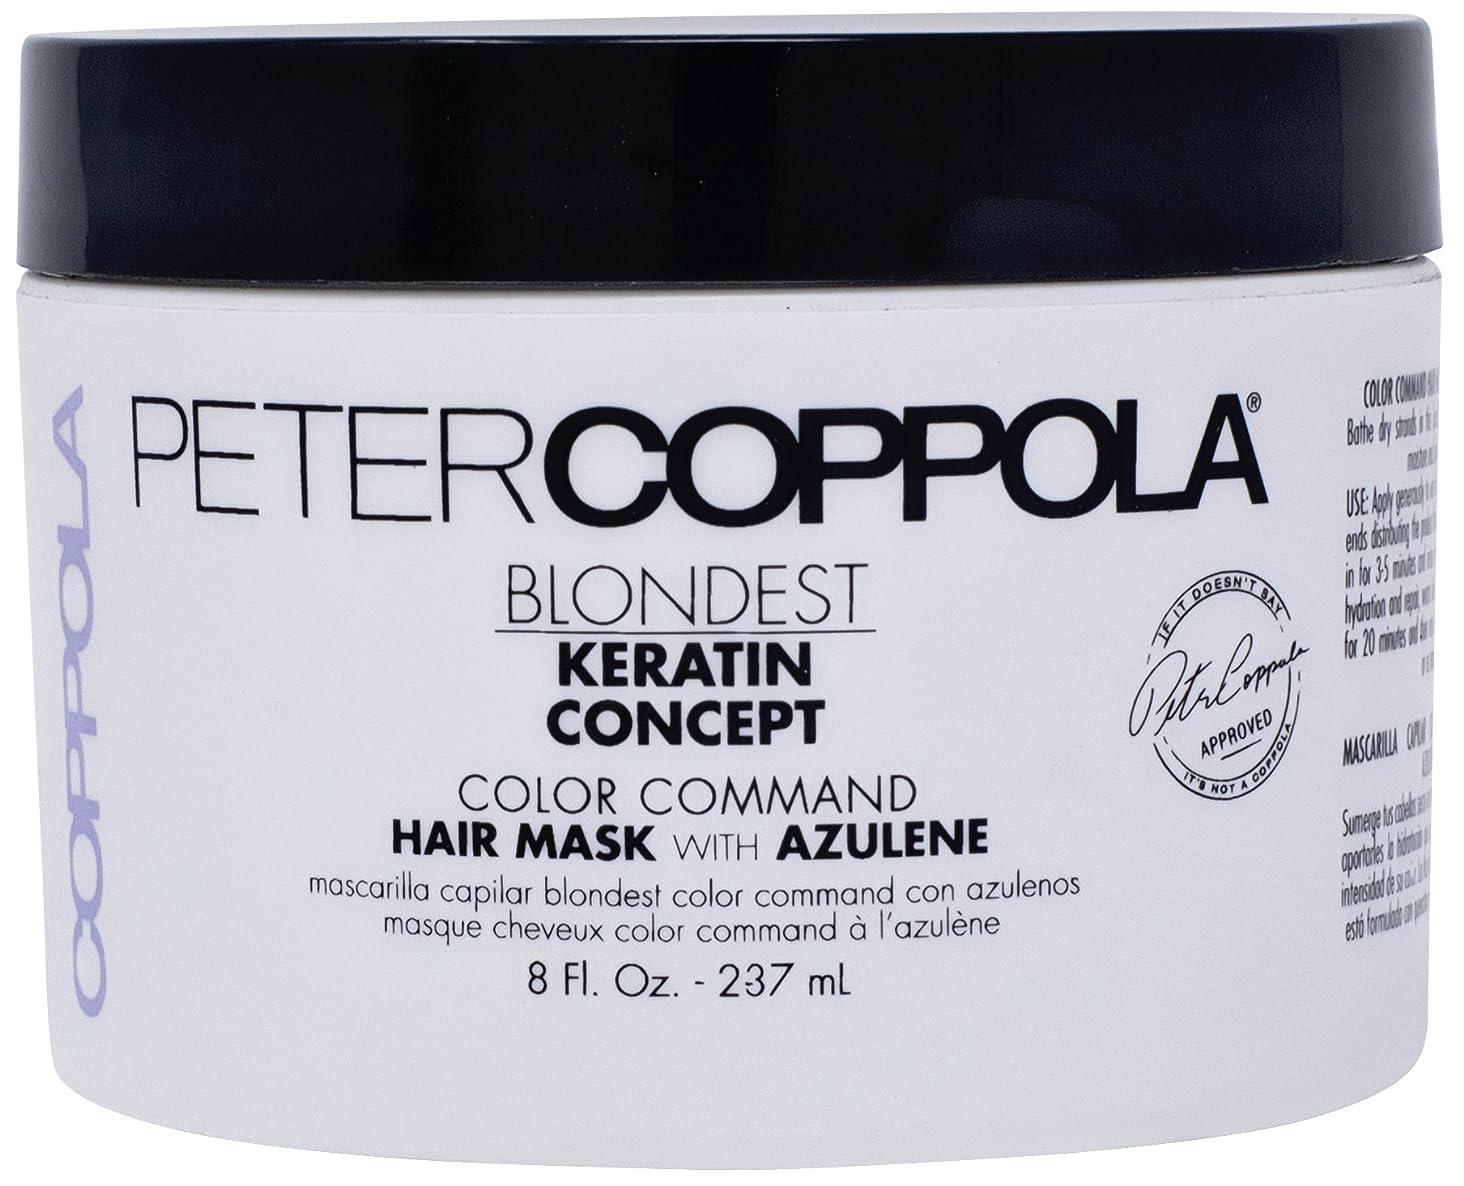 バスかなりの肘掛け椅子Peter Coppola アズレンとマスクの色コマンドブロンド髪 - ブロンド調色は、削除イエロー、ケラチン金庫、損傷修復、ディープコンディショニングマスクをスムージング(8 OZ) 8オンス